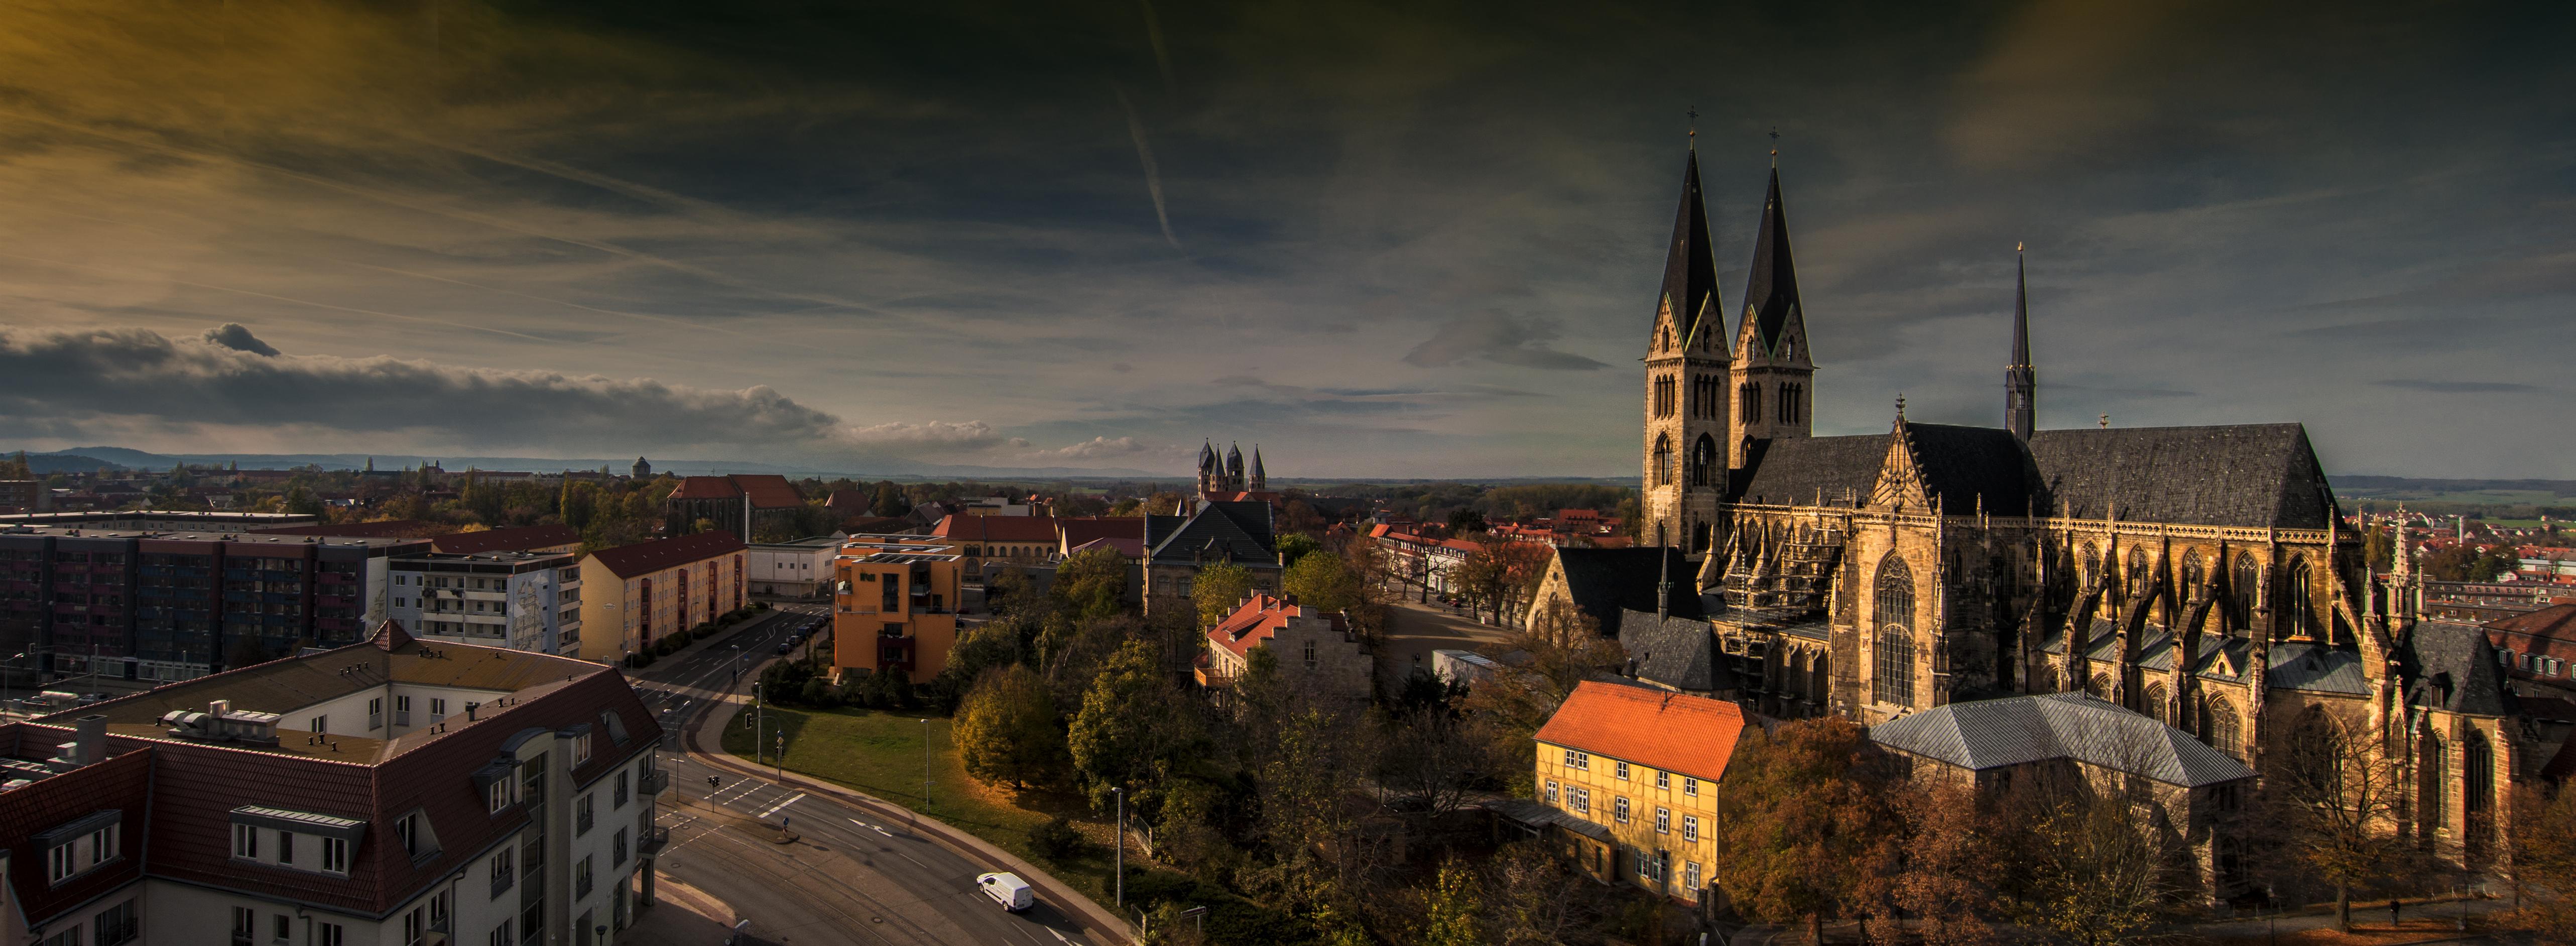 Der Dom von Halberstadt an einem Spätsommerabend .